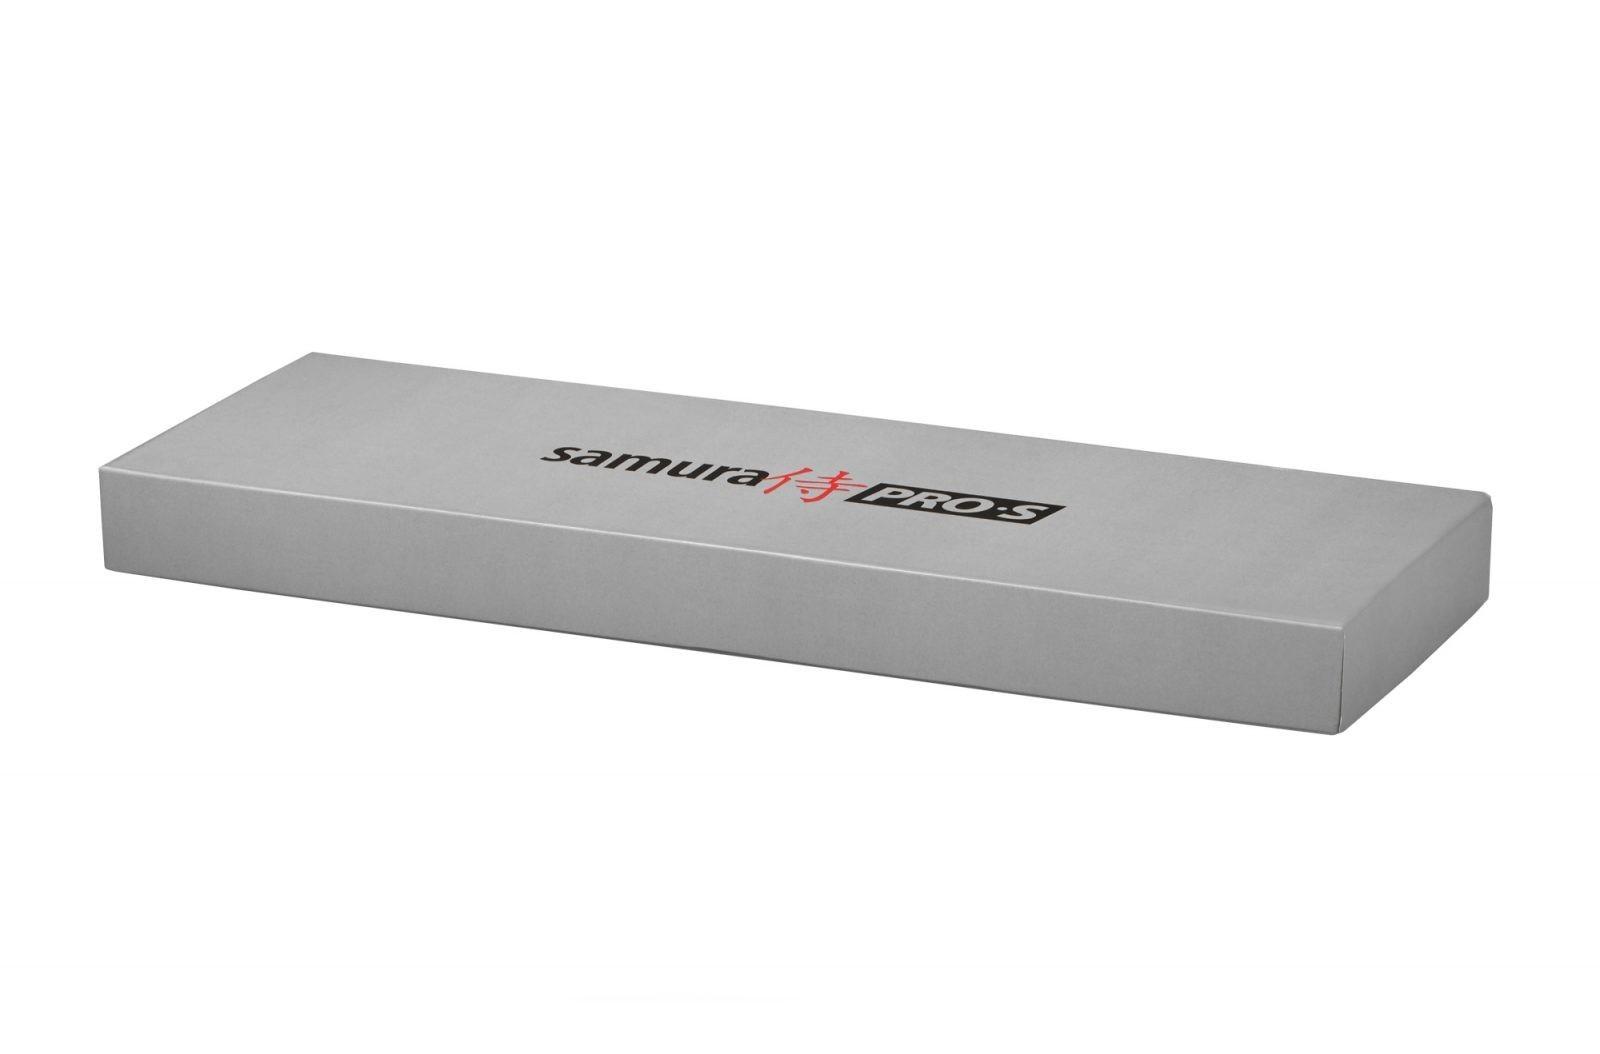 Фото 6 - Набор из 2 кухонных ножей Samura PRO-S в подарочной коробке, сталь AUS-8/рукоять G-10, SP-0210